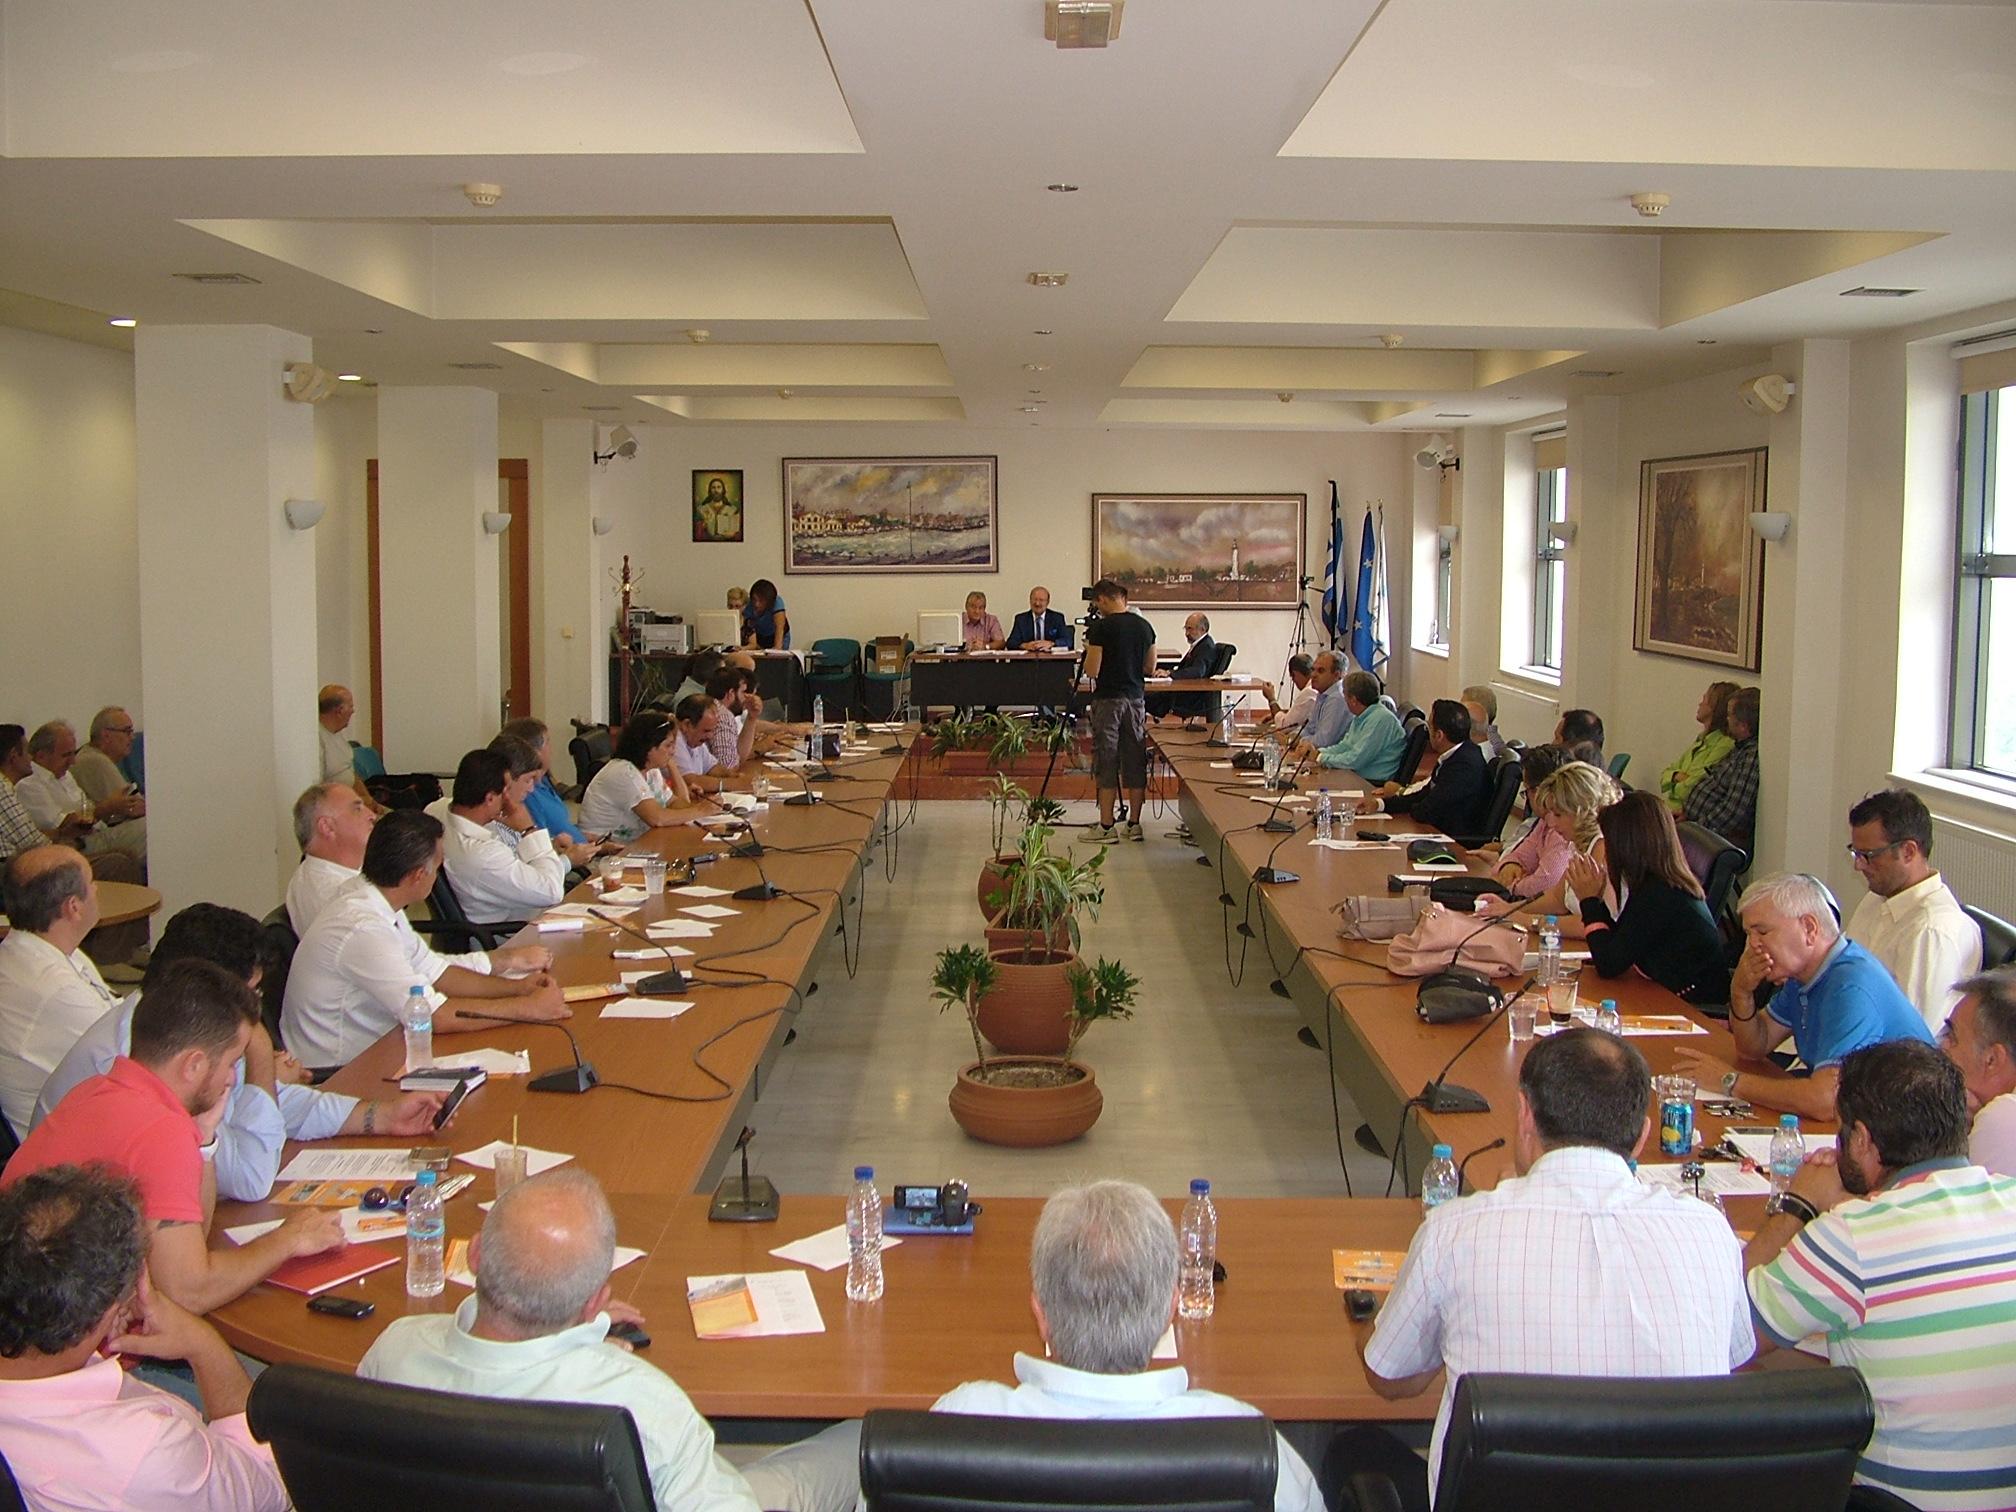 28ο Ειδικό Δ.Σ. - Εκλογή Προεδρείου, Μελών ΟΕ και ΕΠΖ (7/9/2014)